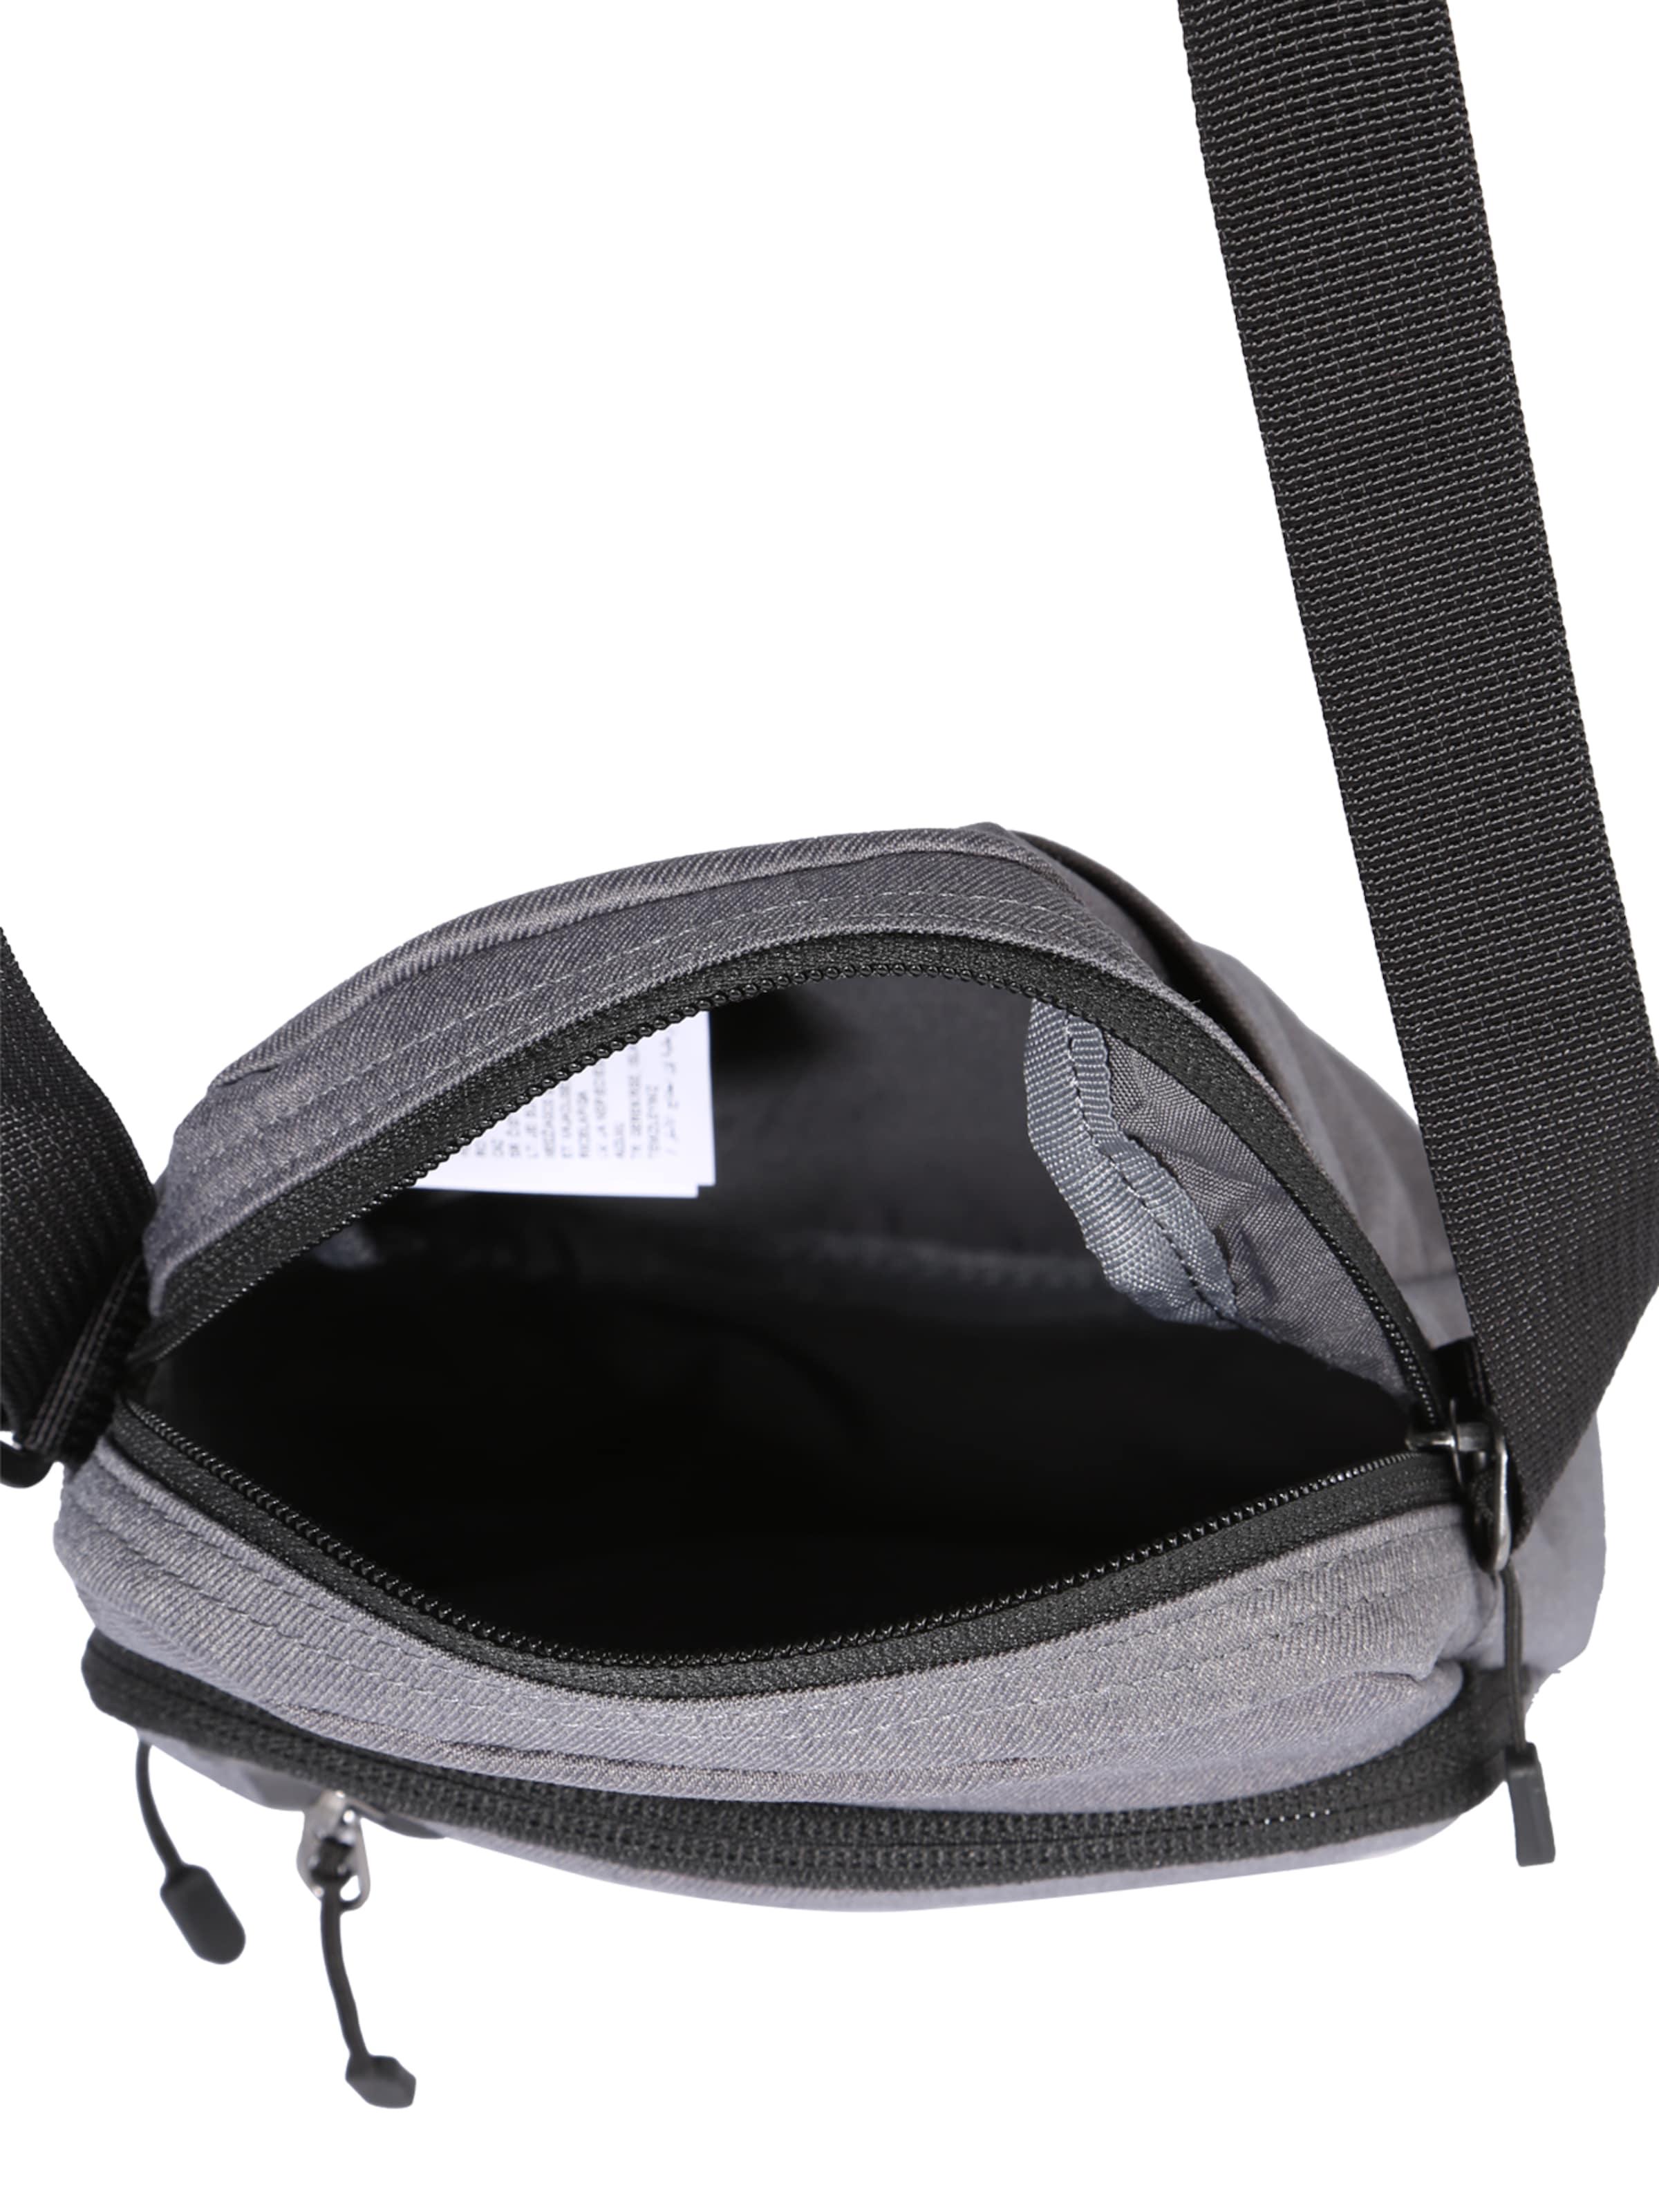 Nike Sportswear Umhängetasche 'Core Small Items 3.0' Auslass Gut Verkaufen xWTliu